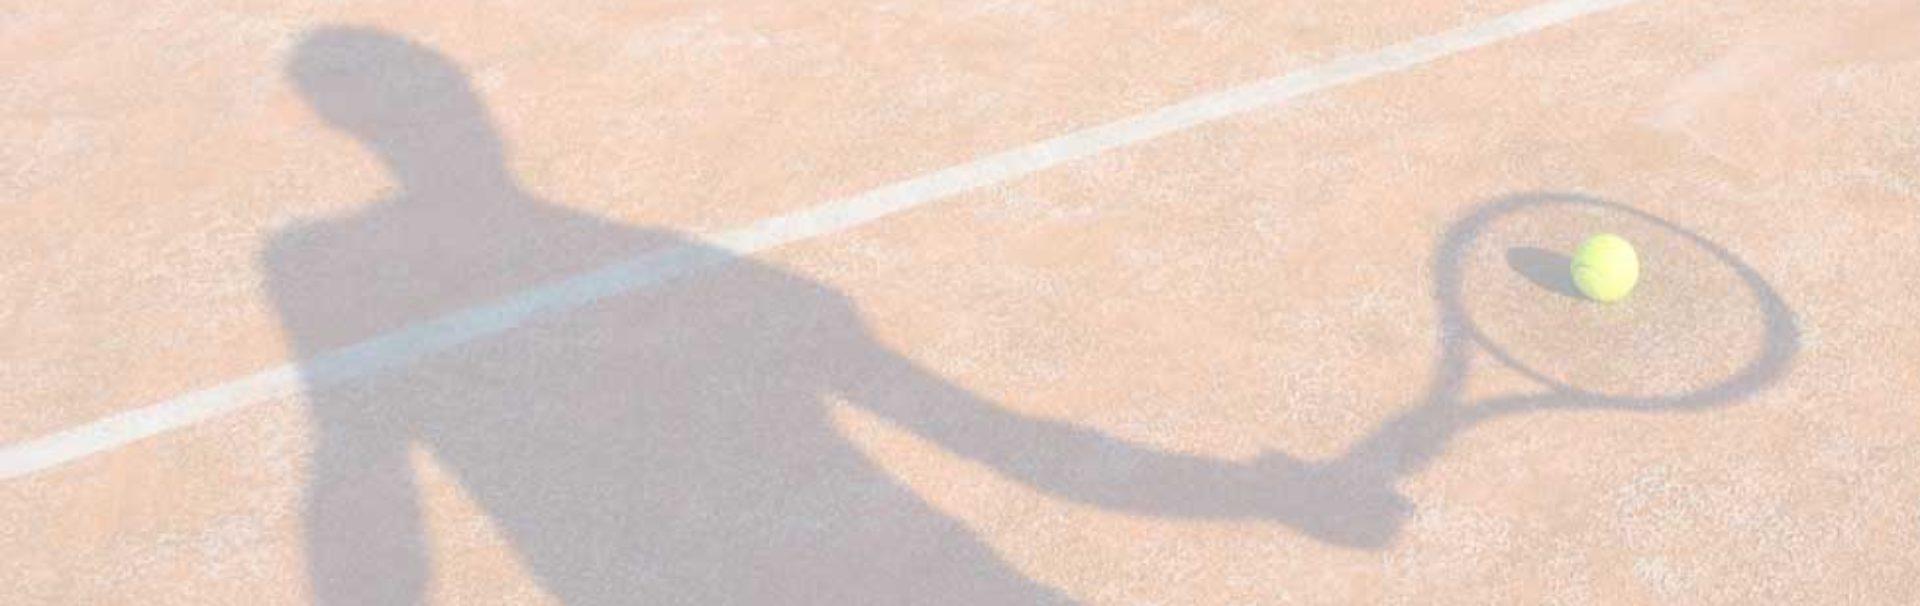 Under Tennis